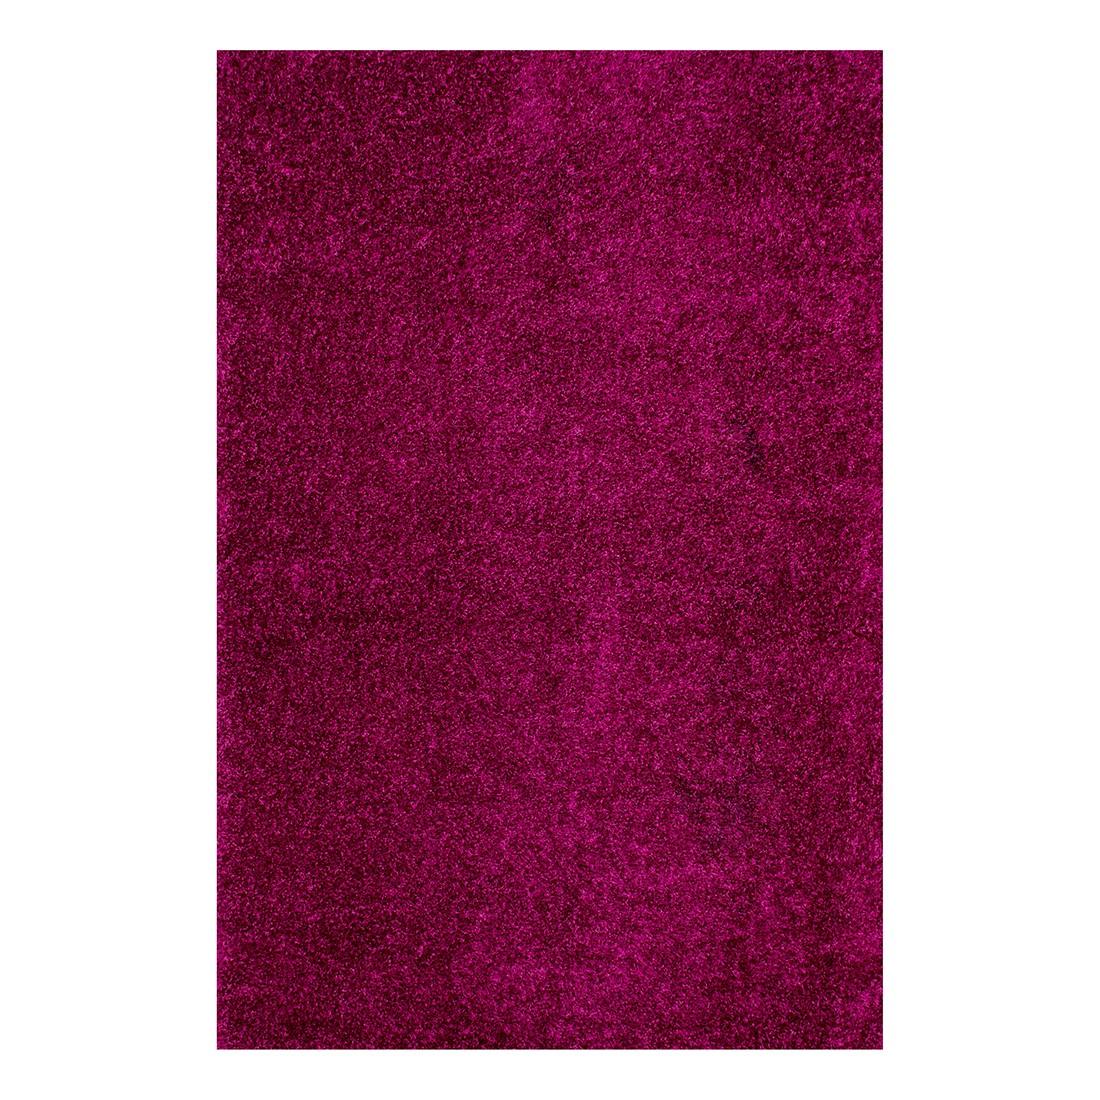 Teppich Harmonie – Violett – 200 x 290 cm, Obsession bestellen